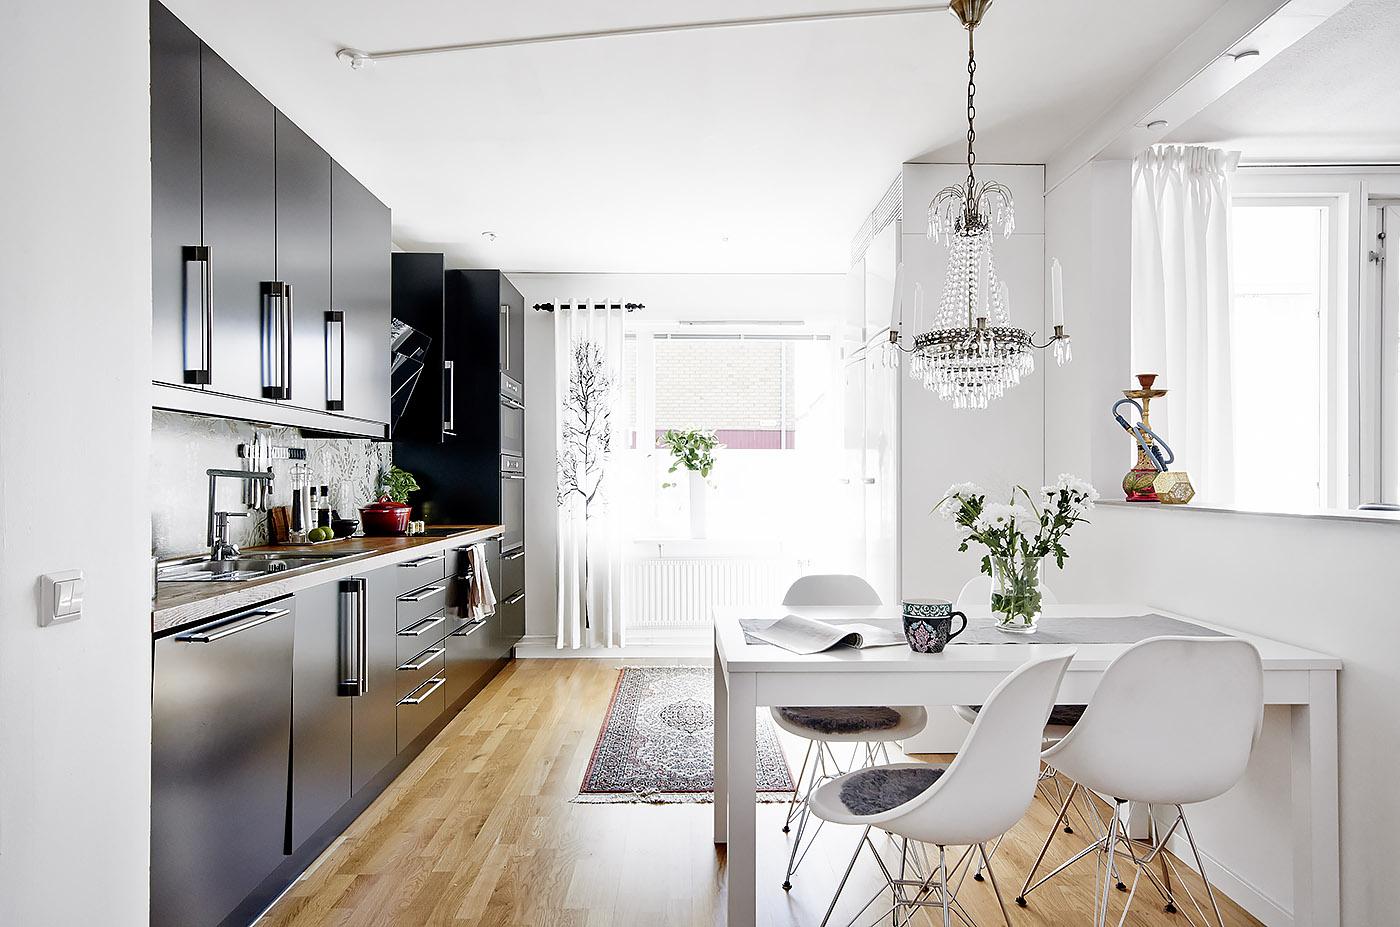 lamparas chandelier lamparas araa interiores minipisos estilo nrdico escandinavo decoracin pisos pequeos decoracin moderna decoracin elegante